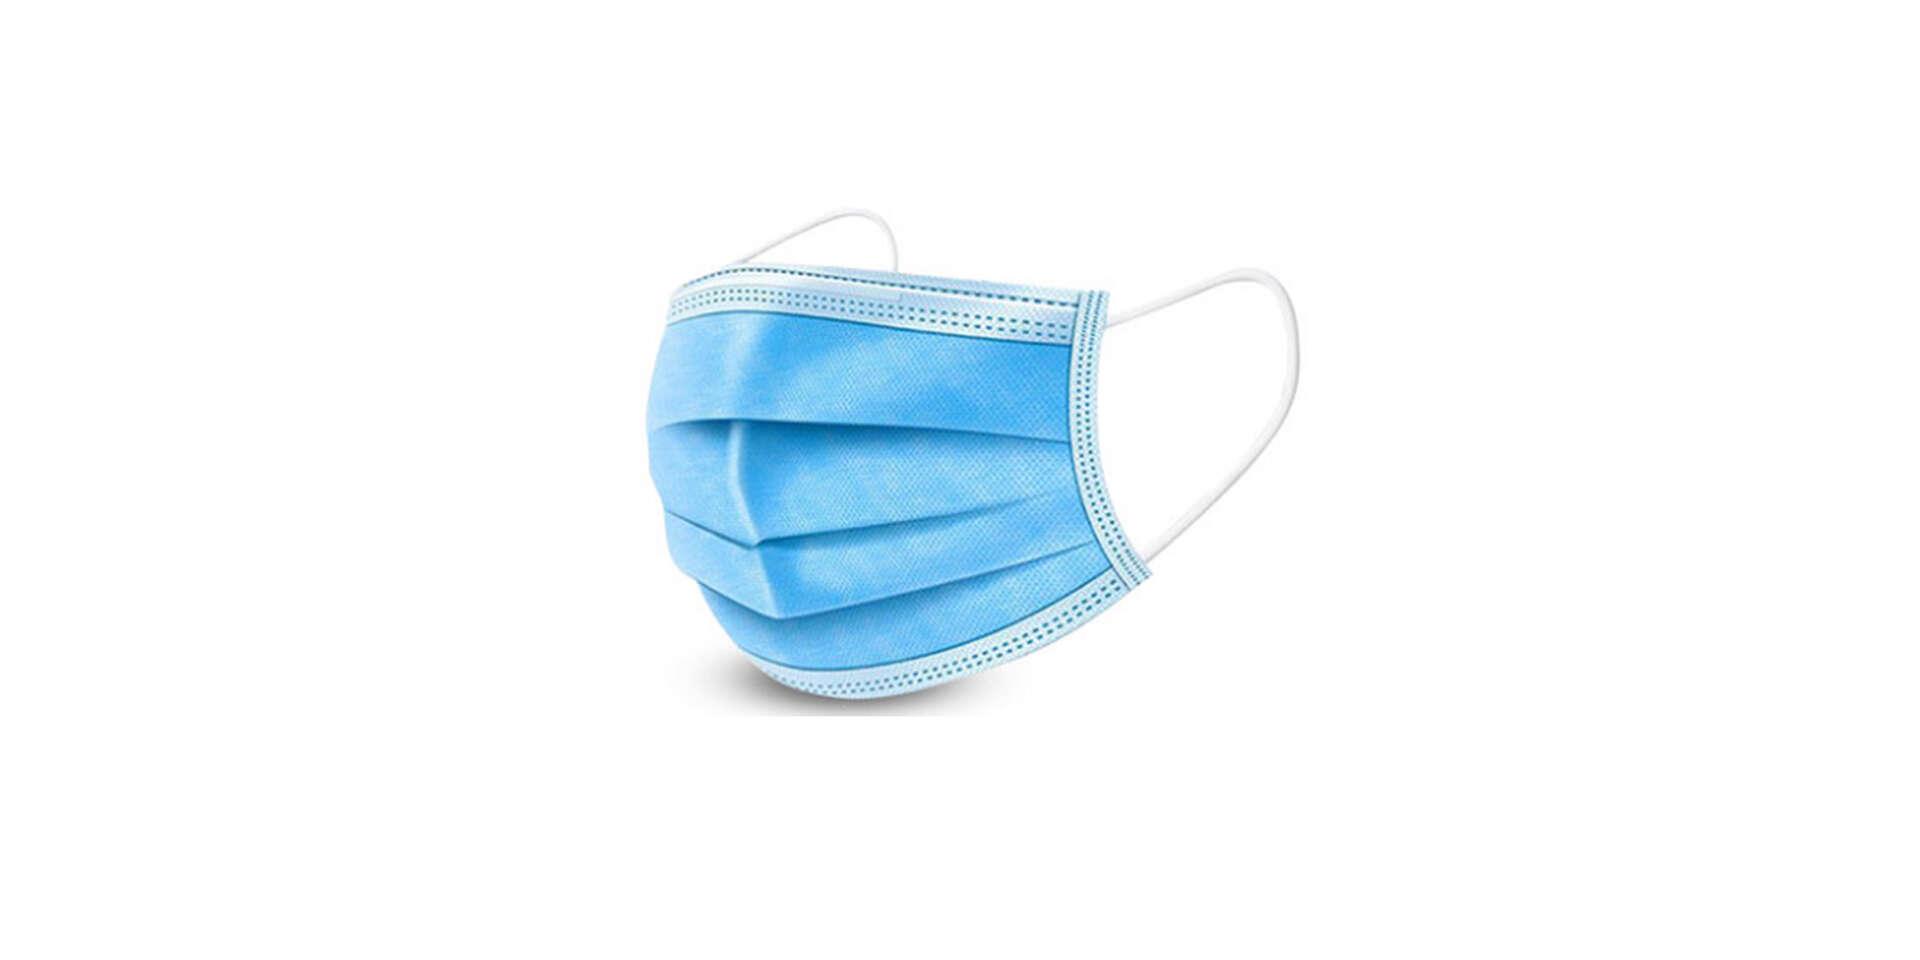 Ochranné pomôcky: balenie rúšok alebo sada jednorázových rukav